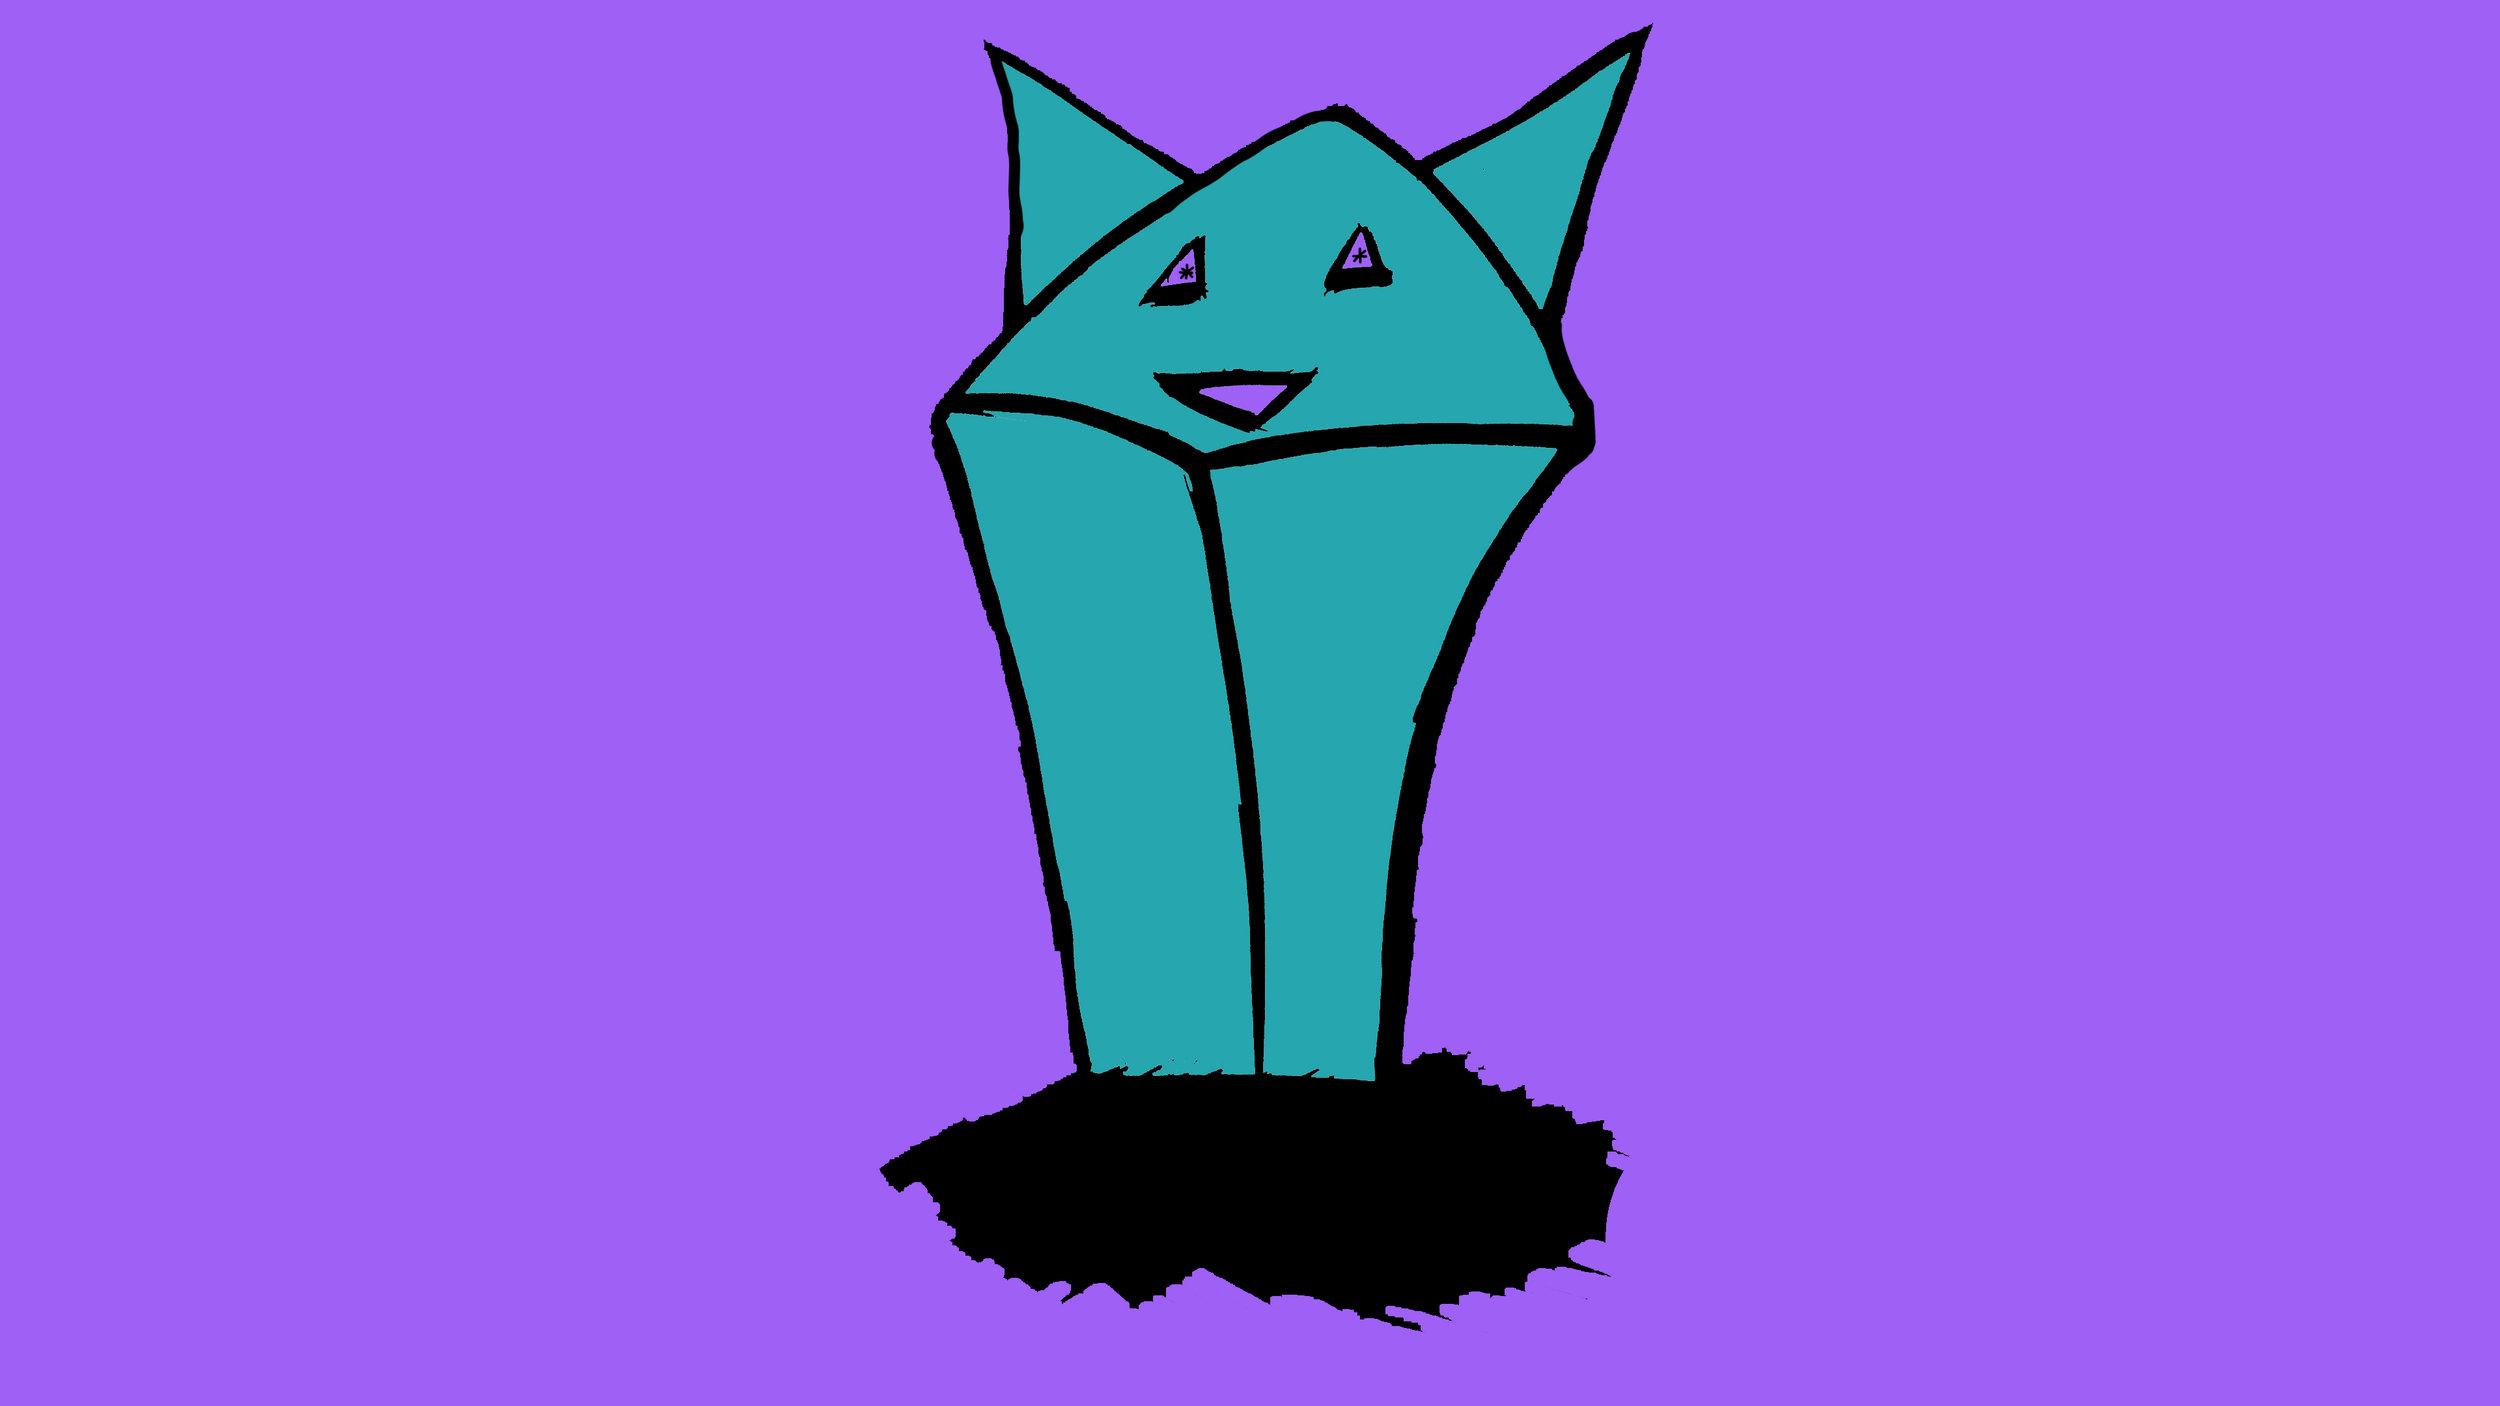 Lou_Fox_180829.jpg